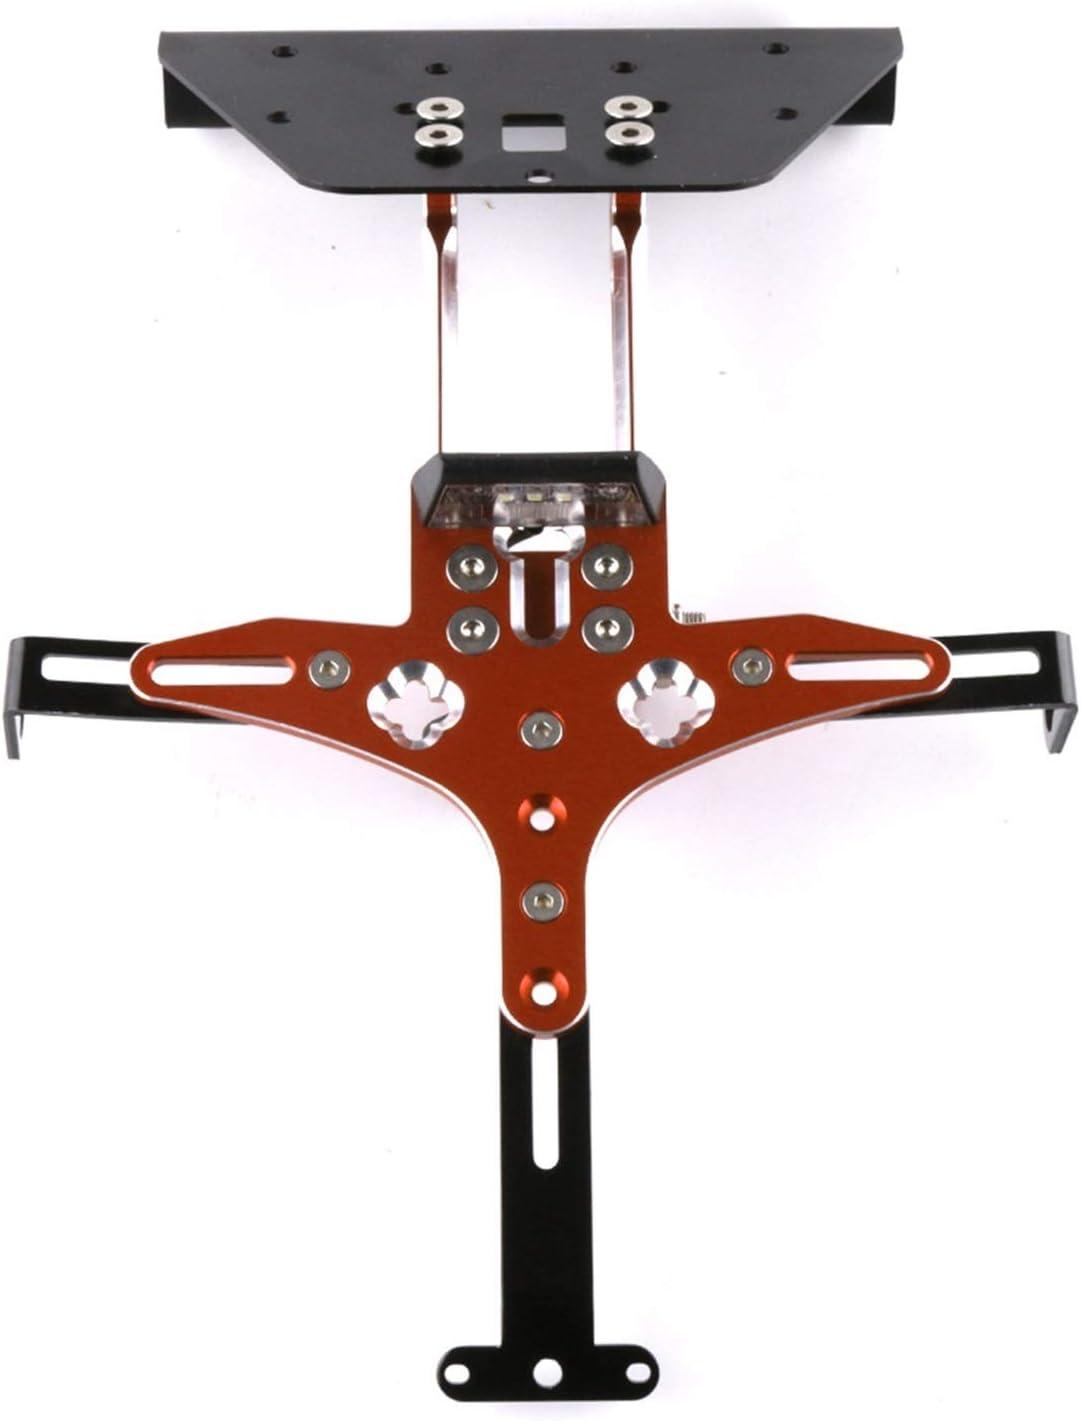 gzcfesbn Motocicleta Scooter Accesorios Registro Número de Licencia Número de Placa Soporte de Soporte Kit de Montaje para Kymco AK550 AK 550 2017 2018 2018 ahgzc (Color : Orange)